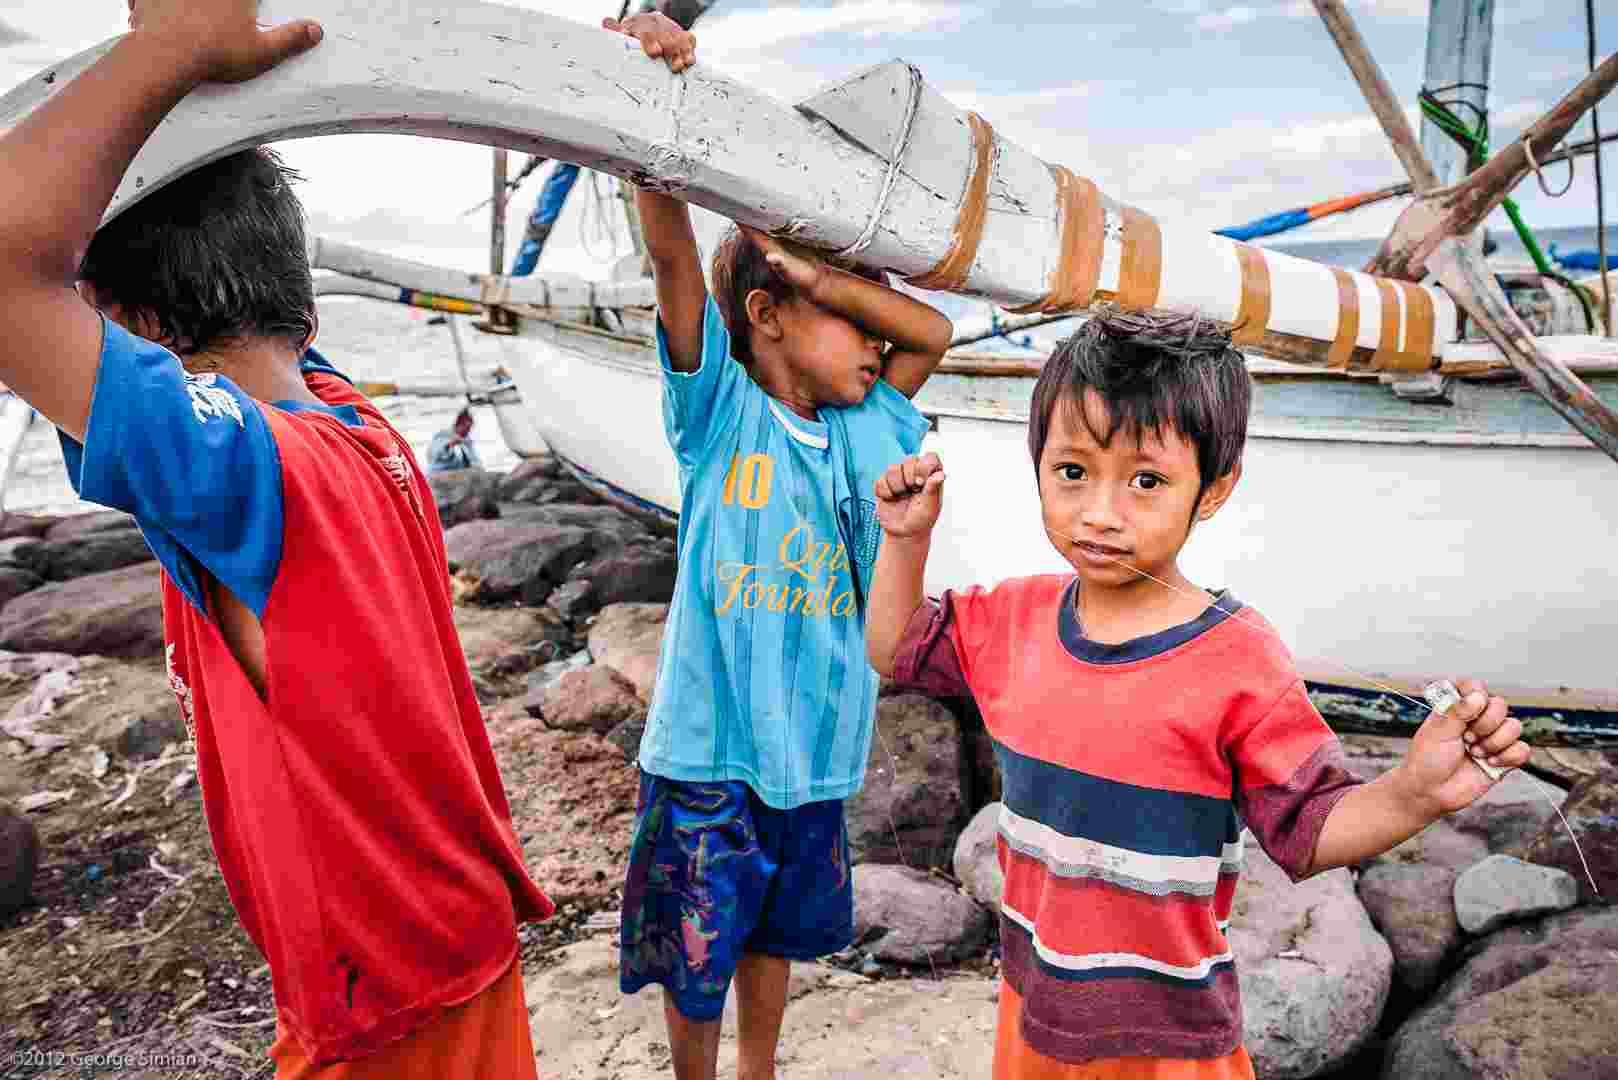 Three young boys hoist a small boat overhead on a rocky beach